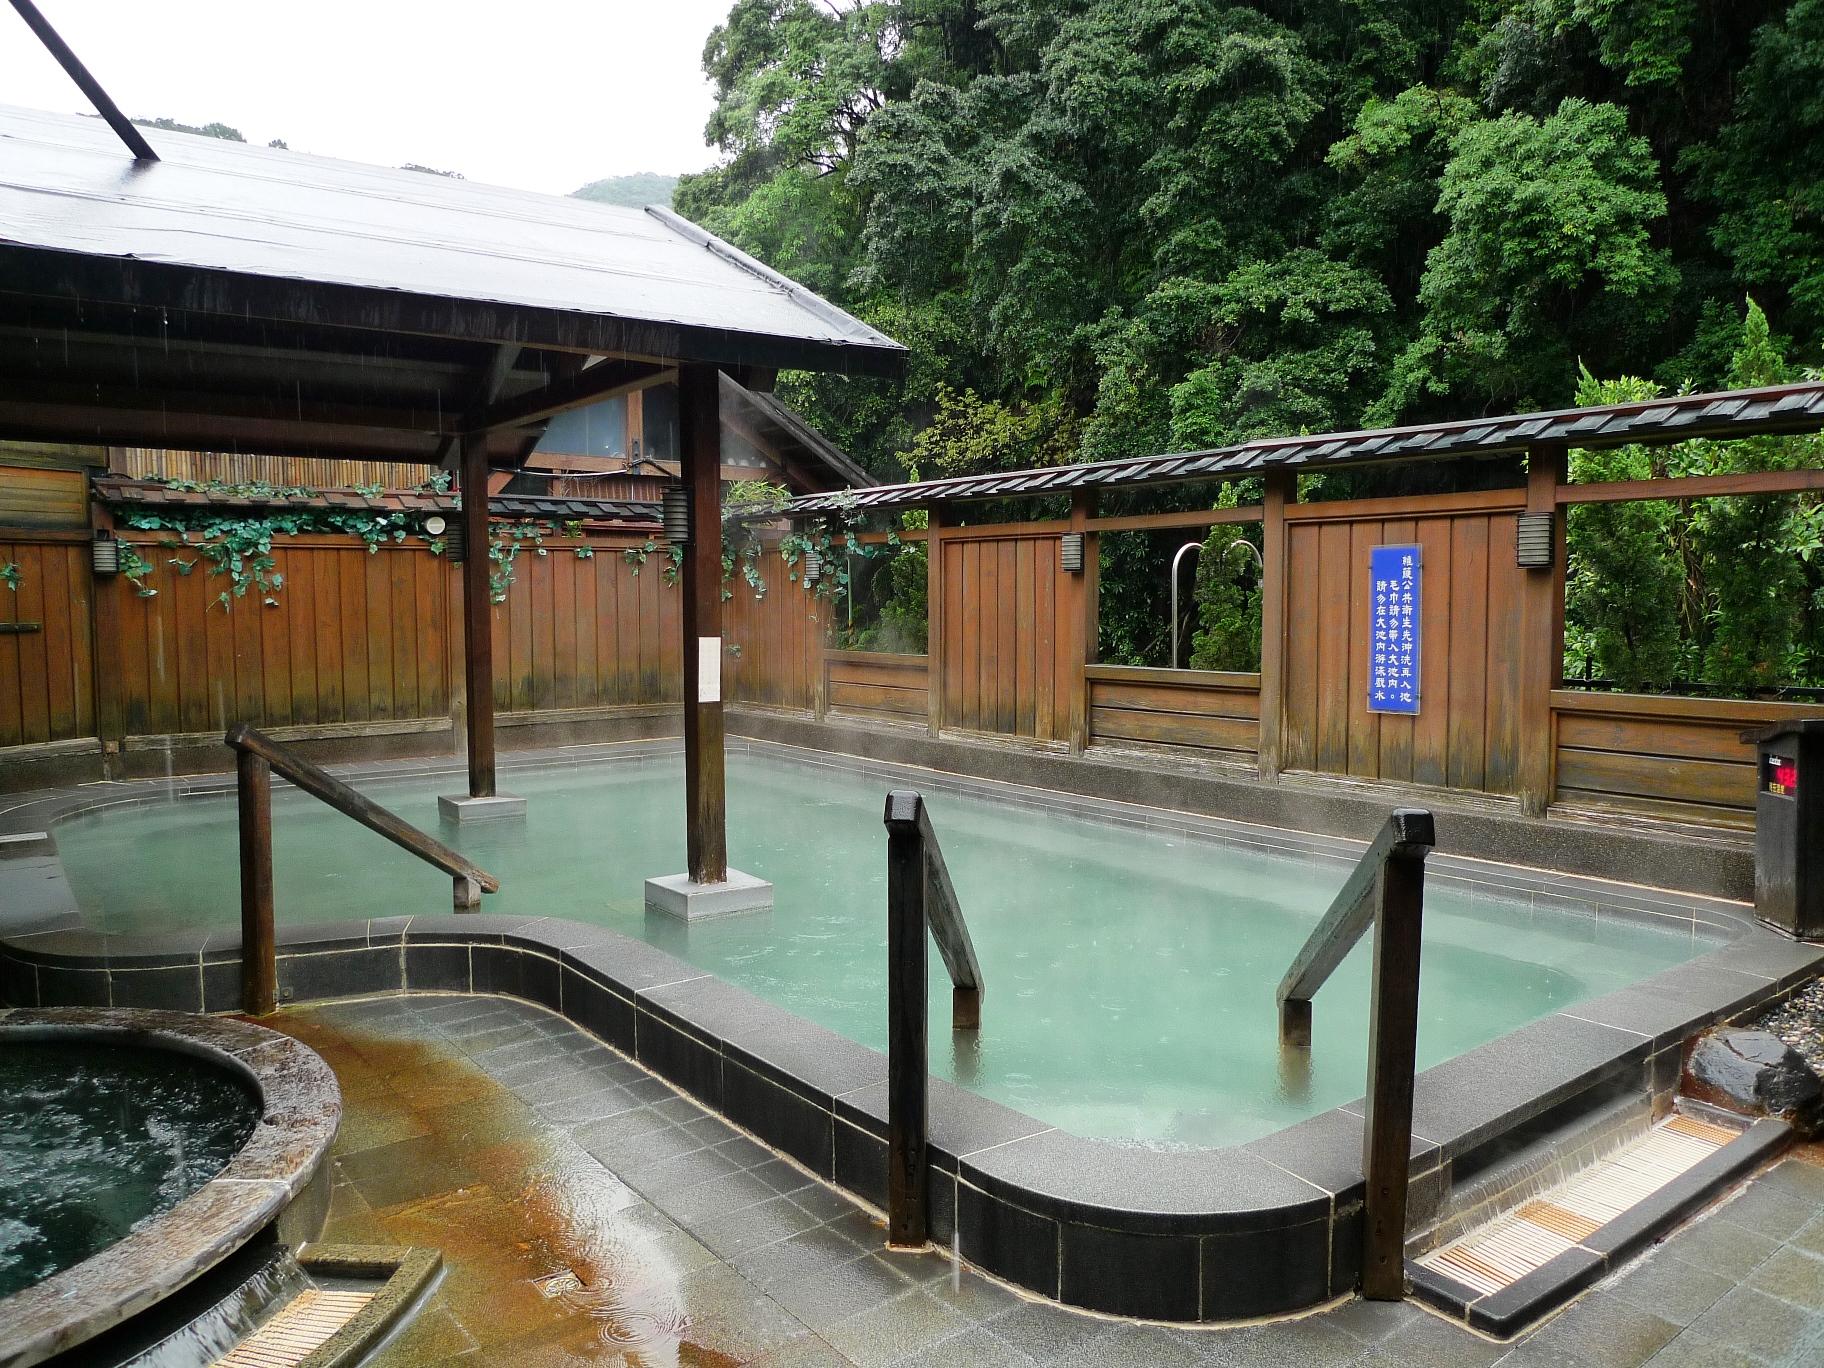 台北郊外の温泉入浴を楽しむ